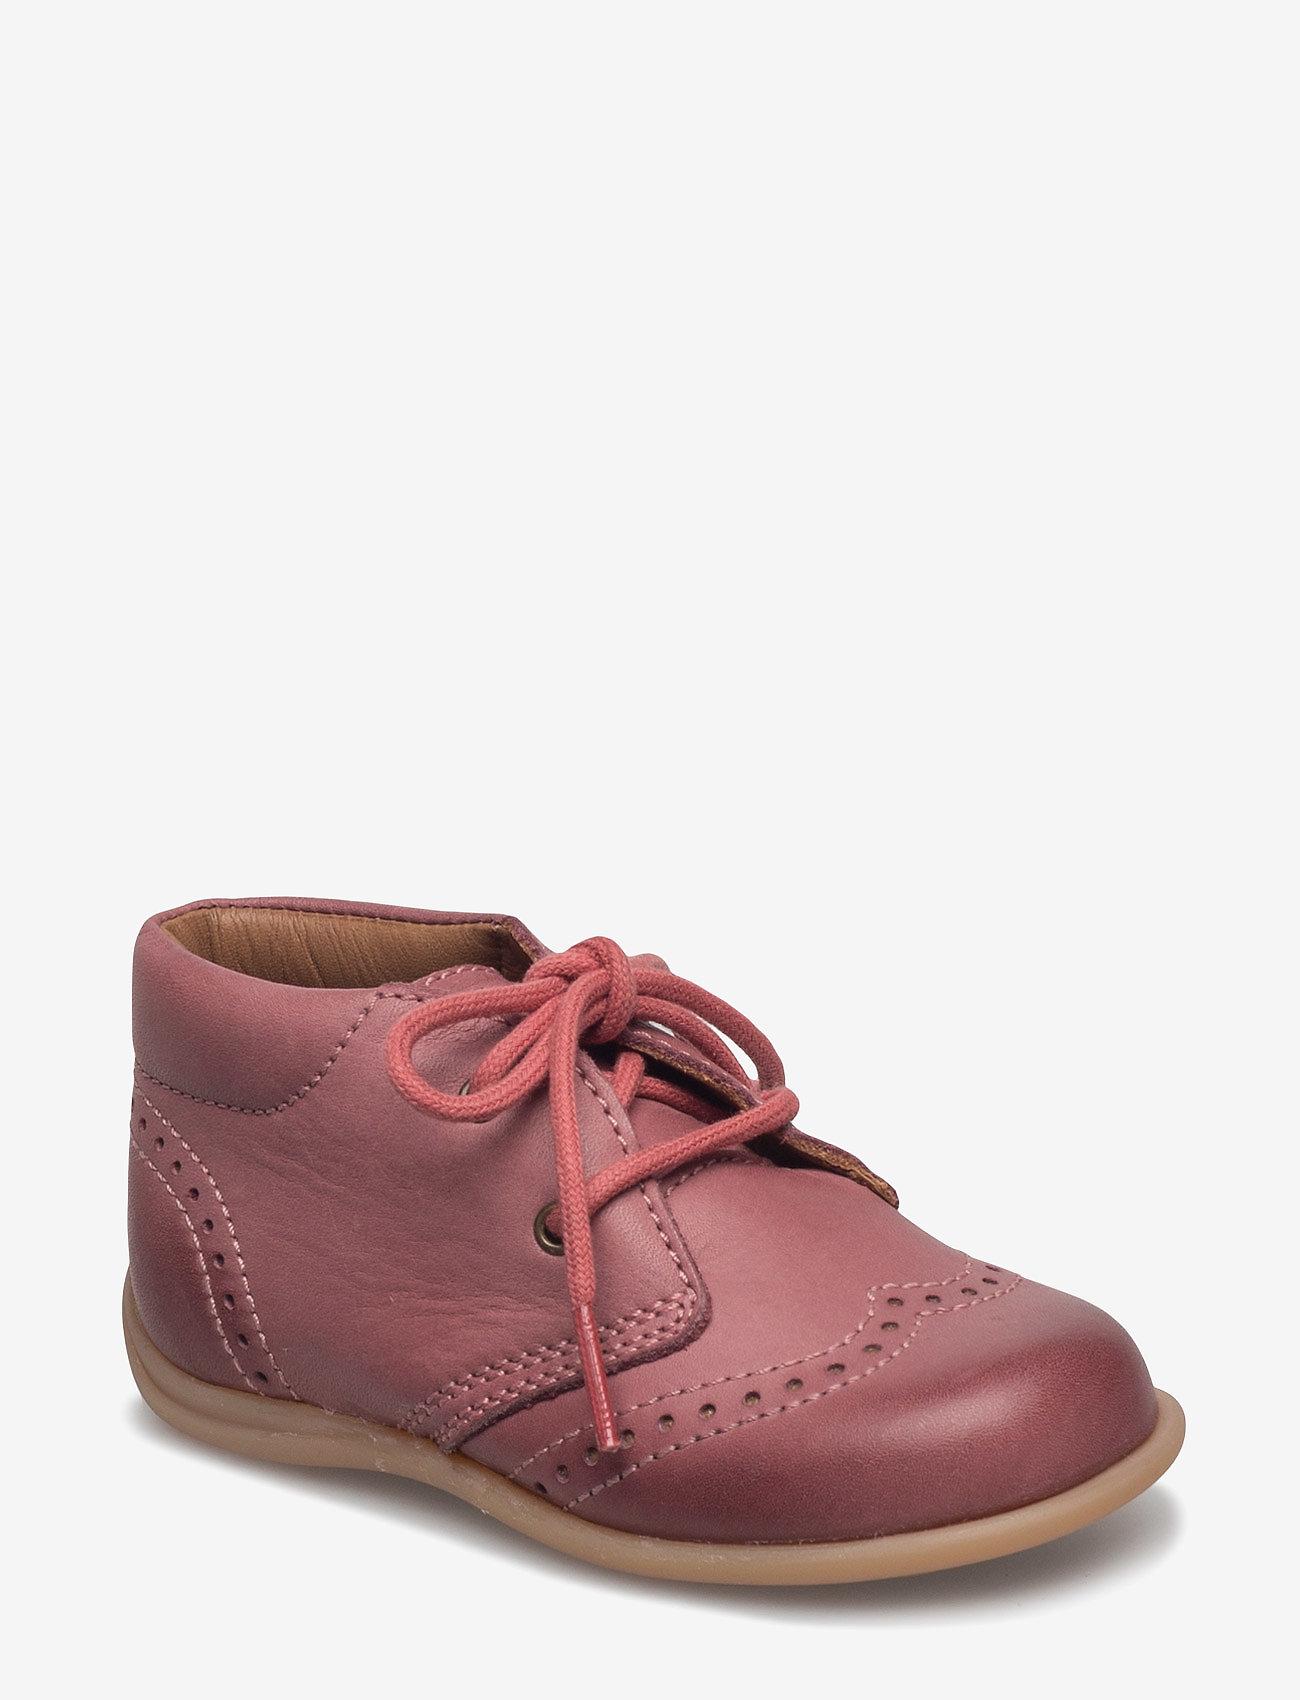 Bisgaard - Prewalker - lauflernschuhe - rosa - 0